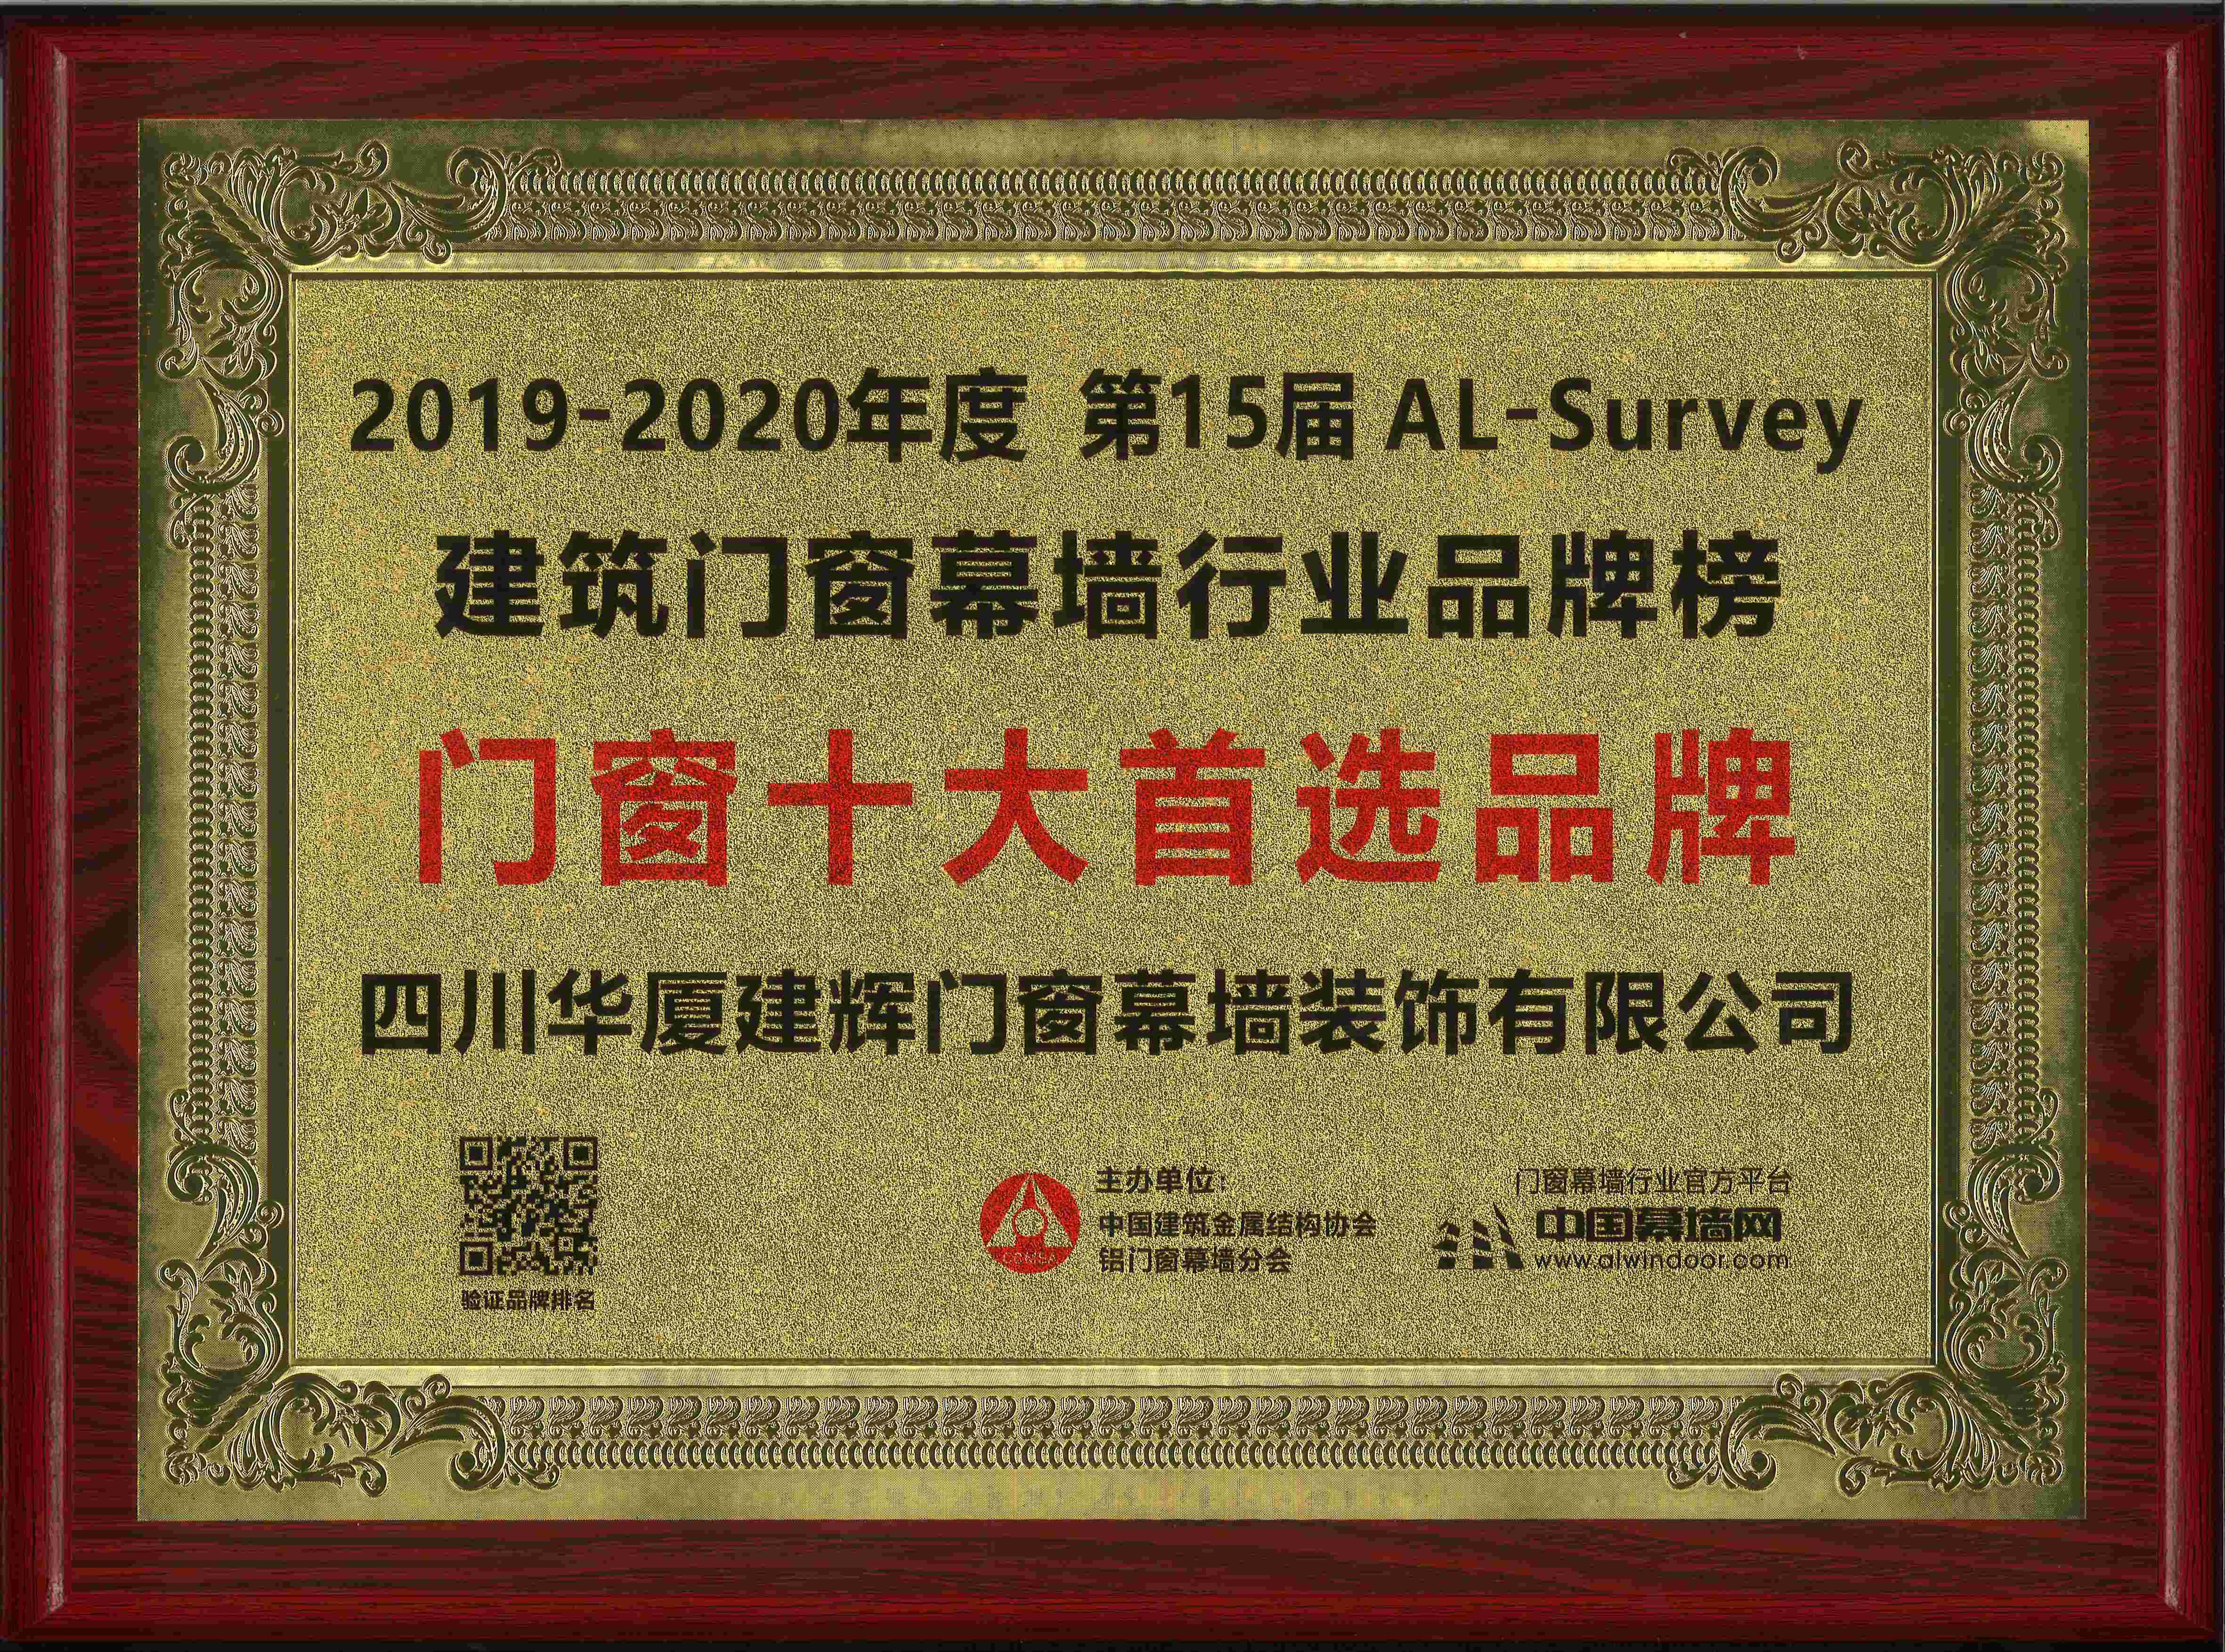 门窗十大首选品牌(2019-2020)